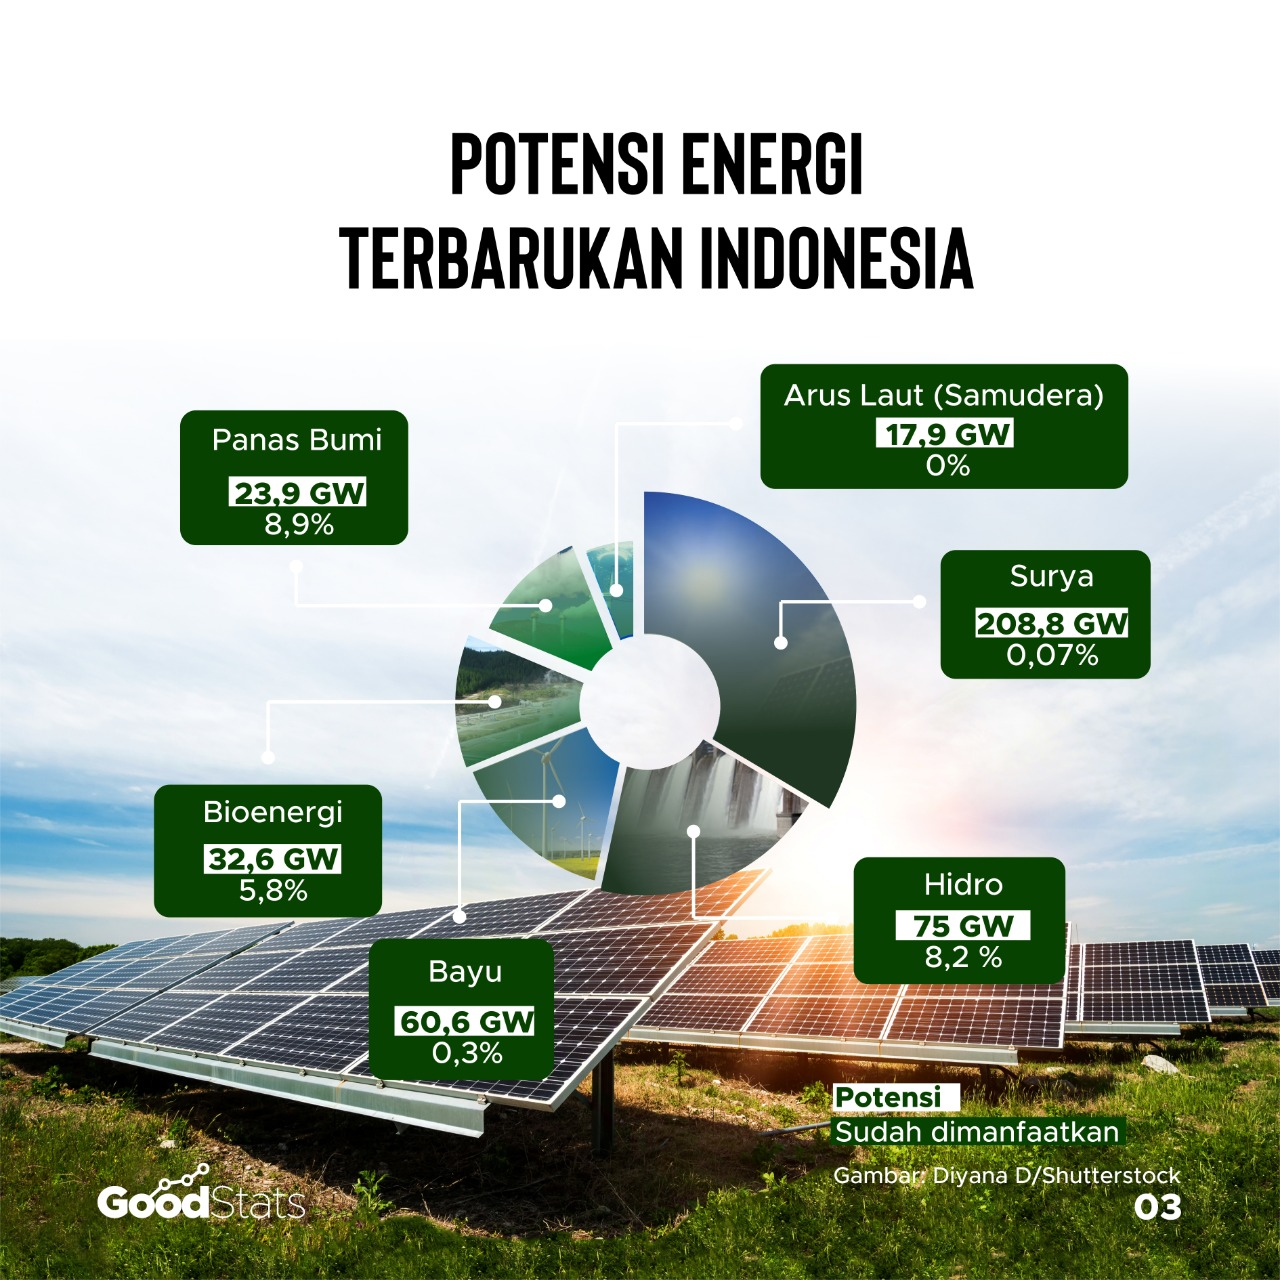 Potensi energi terbaruka Indonesia   GoodStats